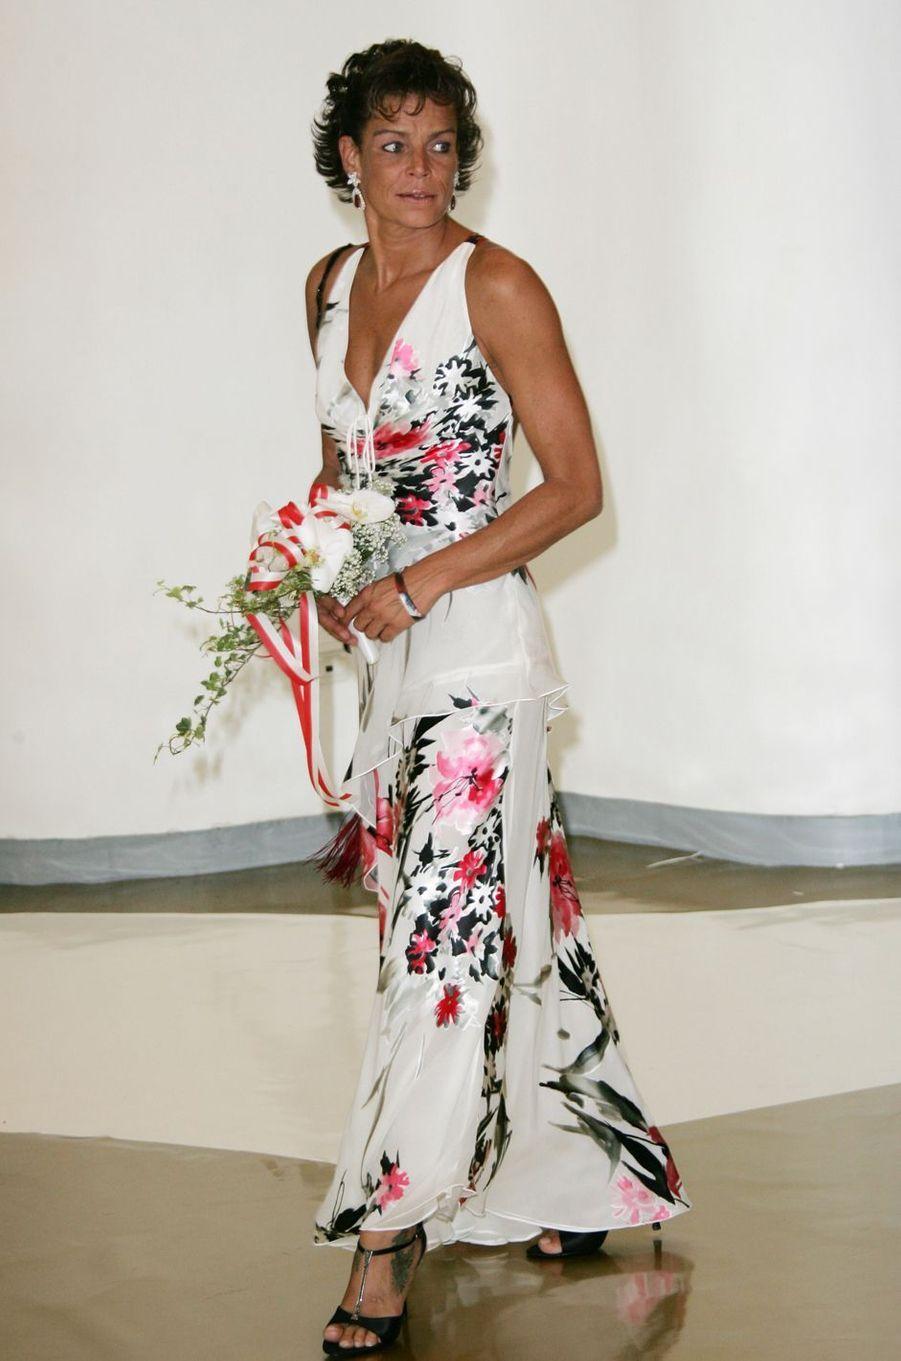 La princesse Stéphanie de Monaco au bal de la Croix-Rouge en août 2005